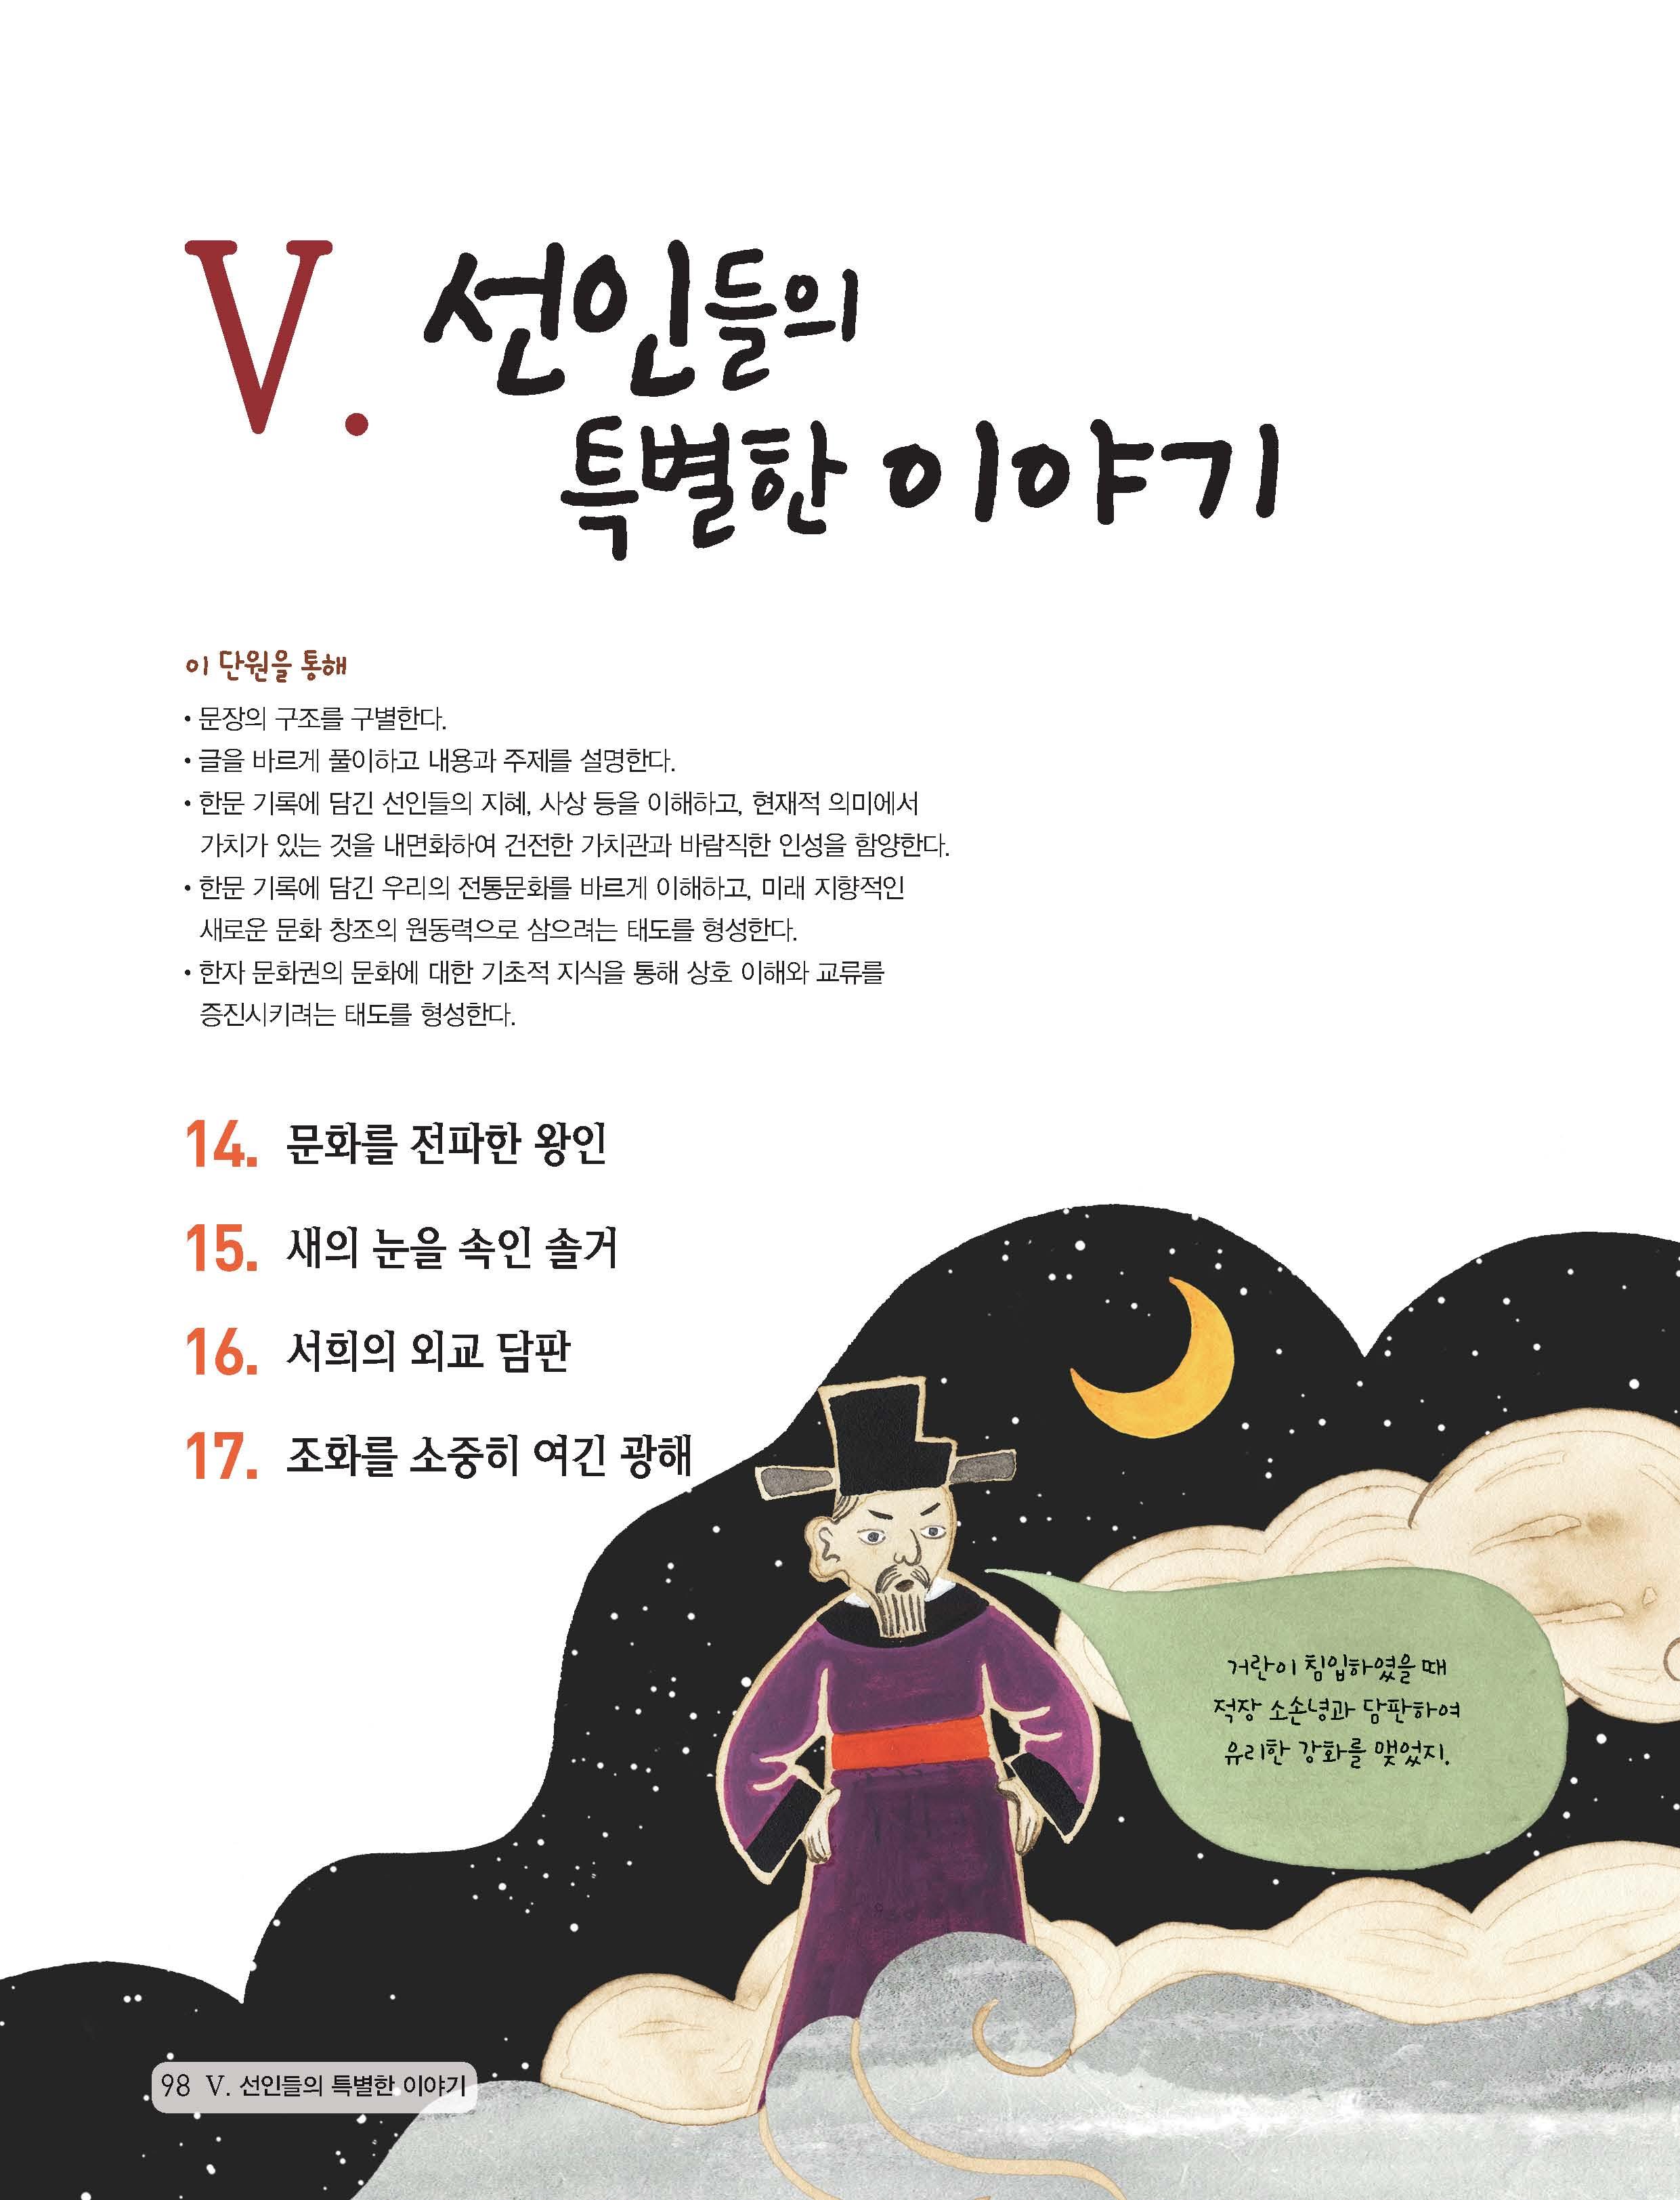 5.선인들의 특별한 이야기 제목 이미지